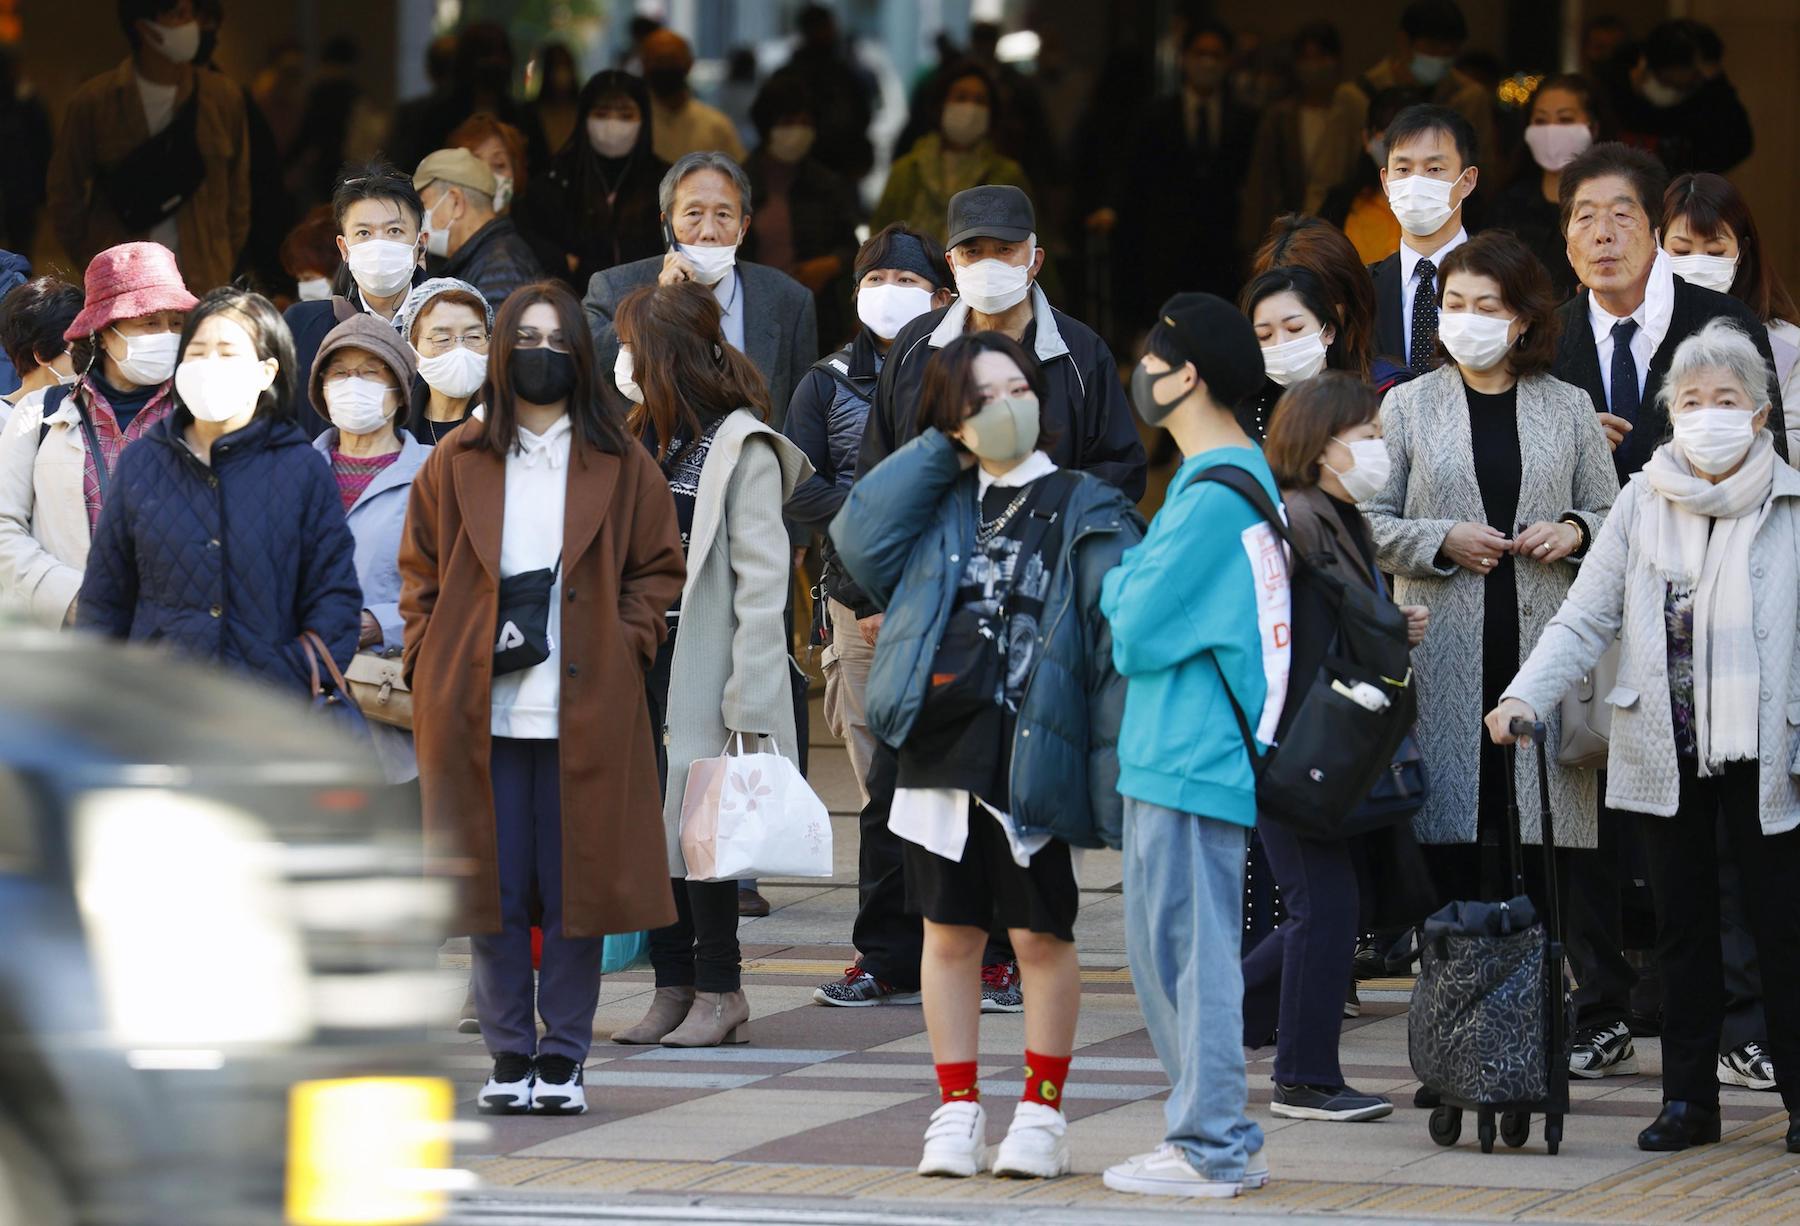 受疫情影响,日本政府叫停大阪市与札幌市的提振观光方案